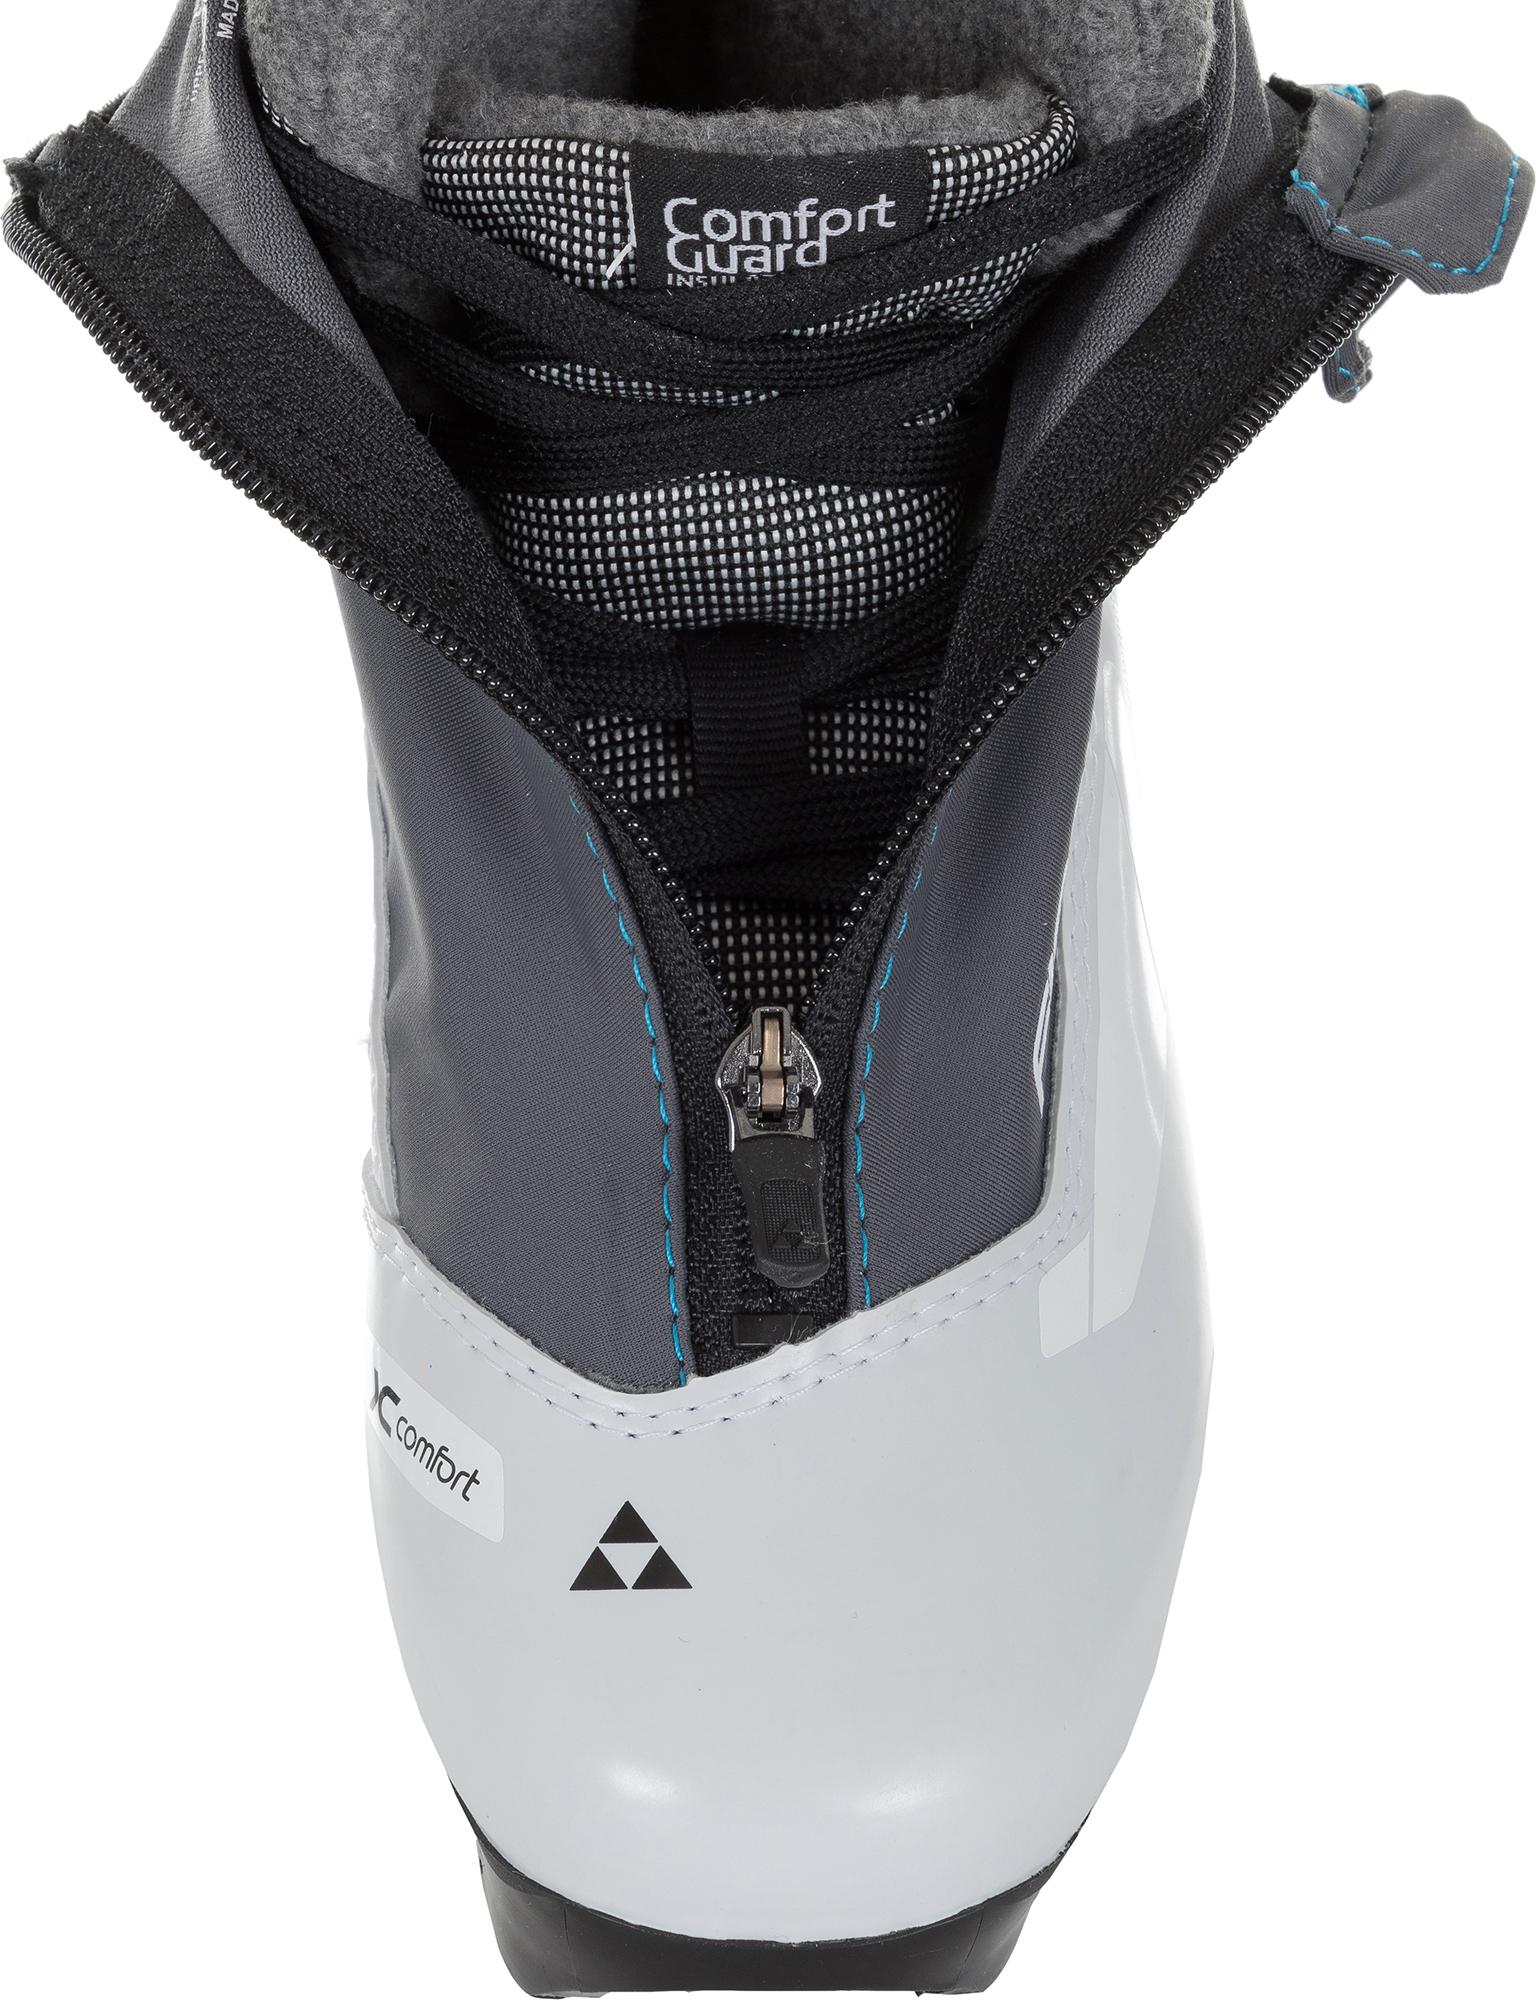 Ботинки для беговых лыж женские Fischer Xc Comfort My Style SM, размер 36 f5082c744d2